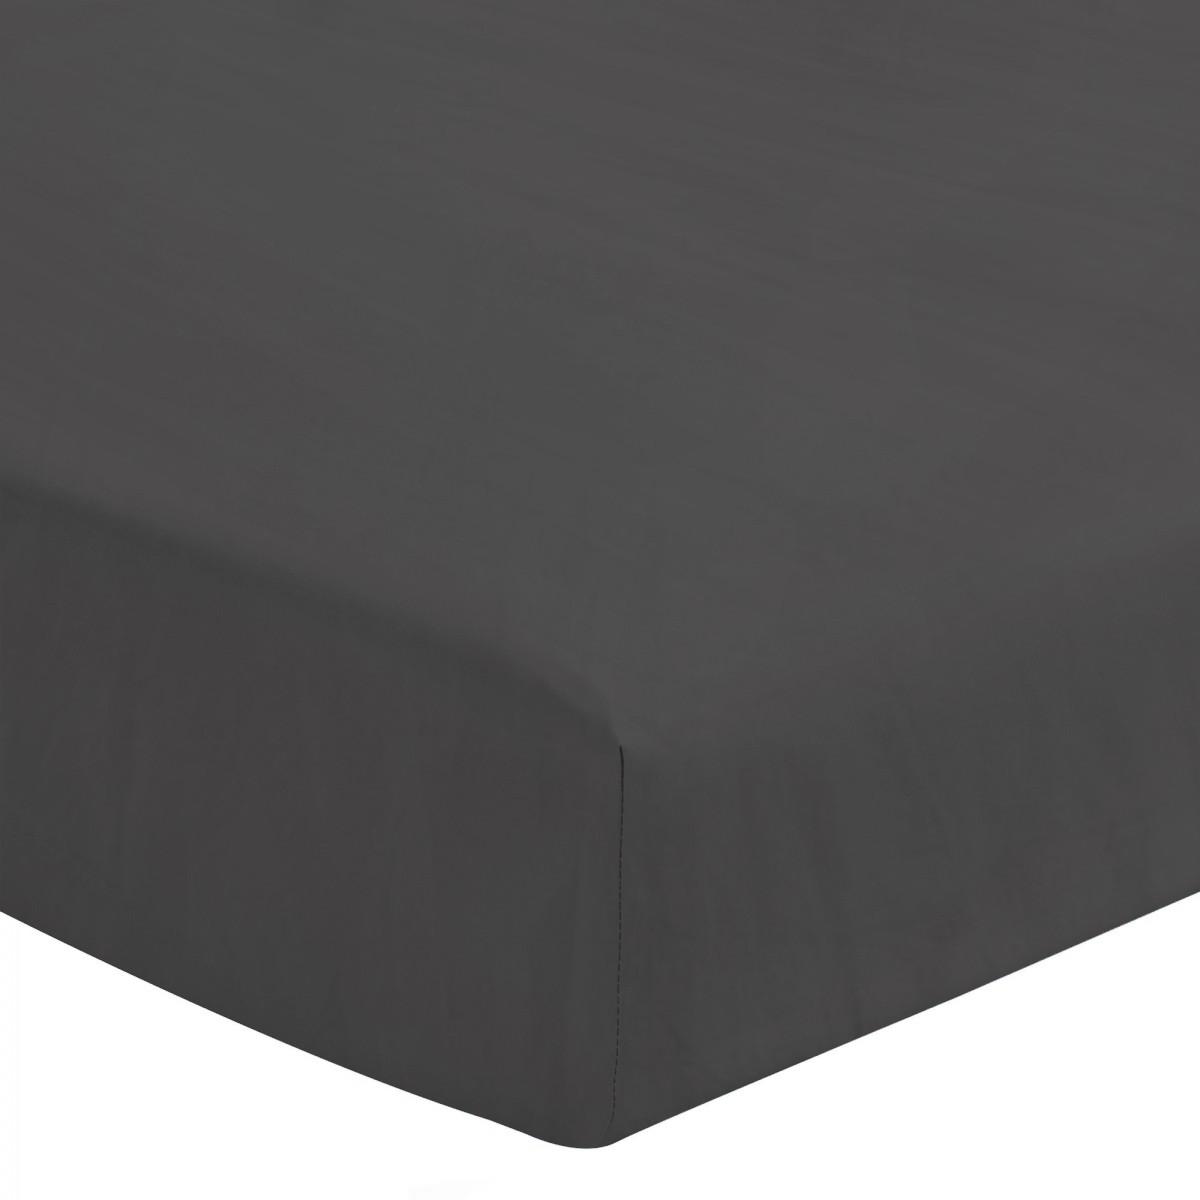 Drap Housse Uni 100% Coton Bonnet 25cm Gris Foncé 180x200cm